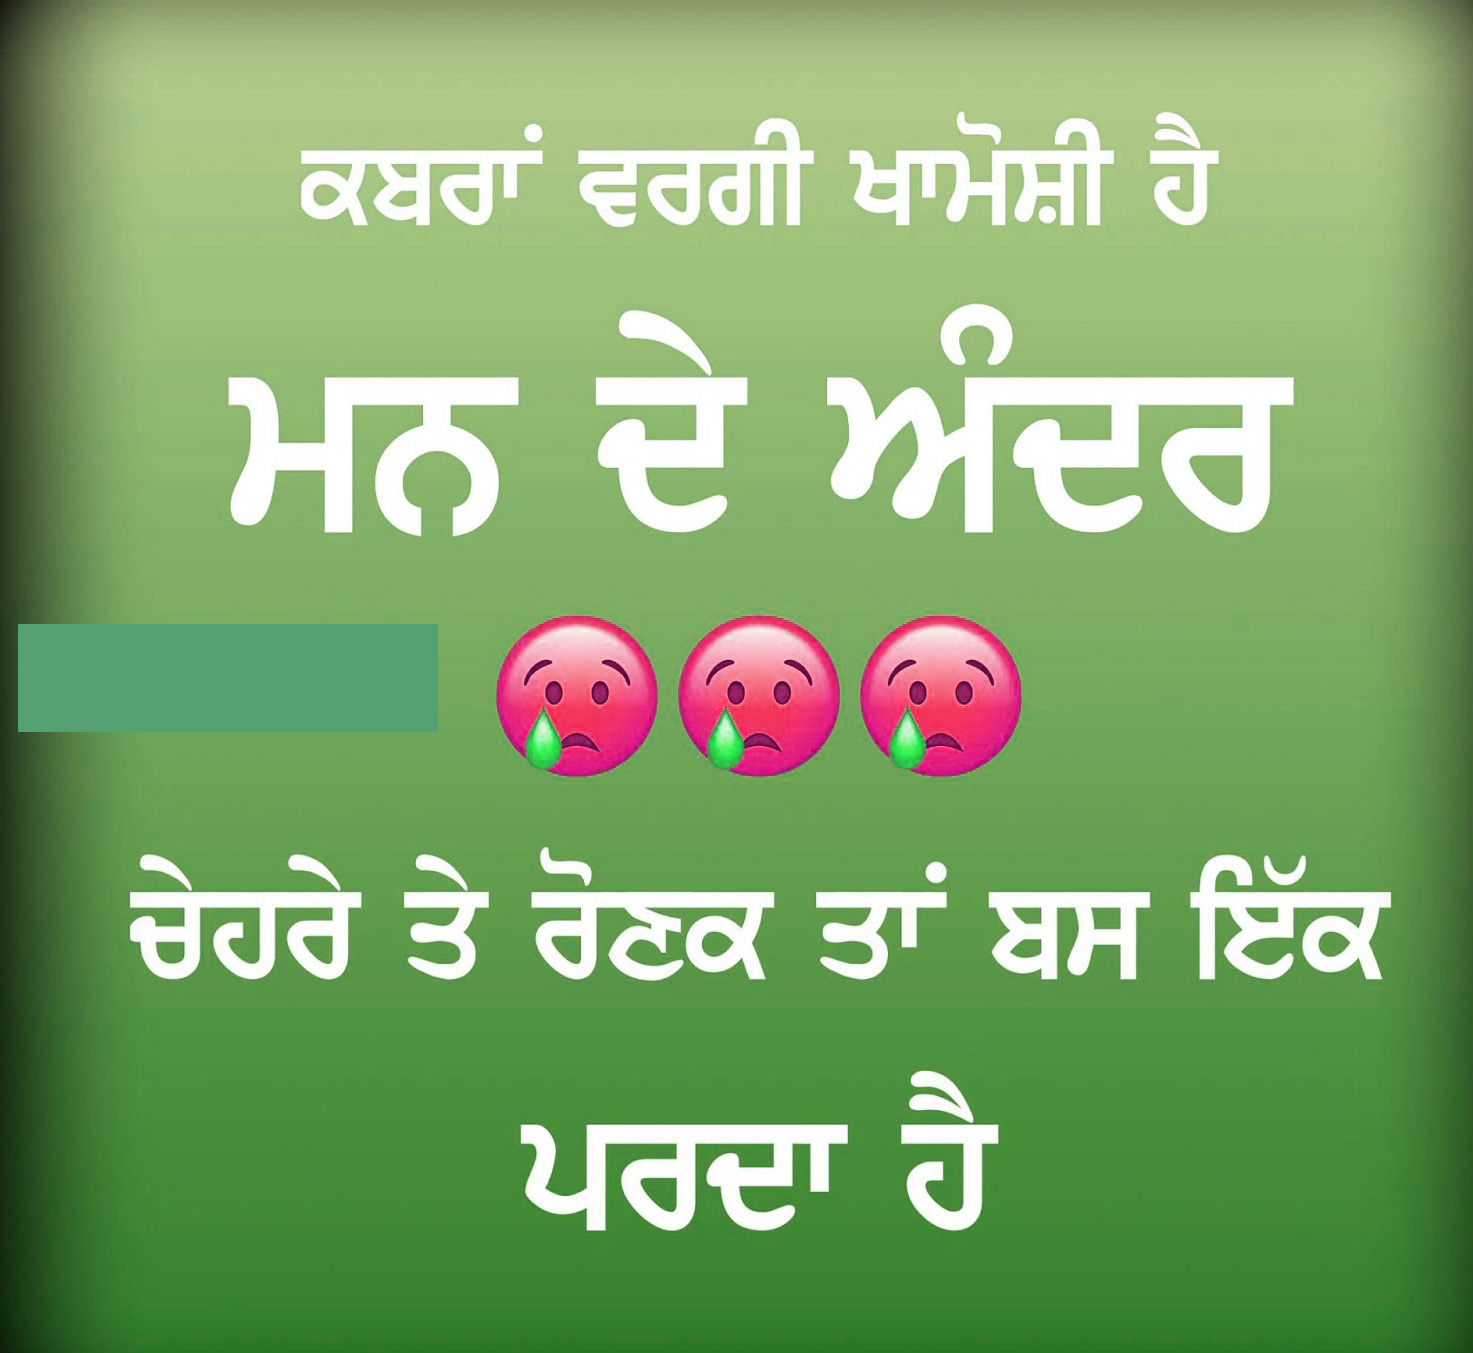 Punjabi Whatsapp DP Images Wallpaper Free Download